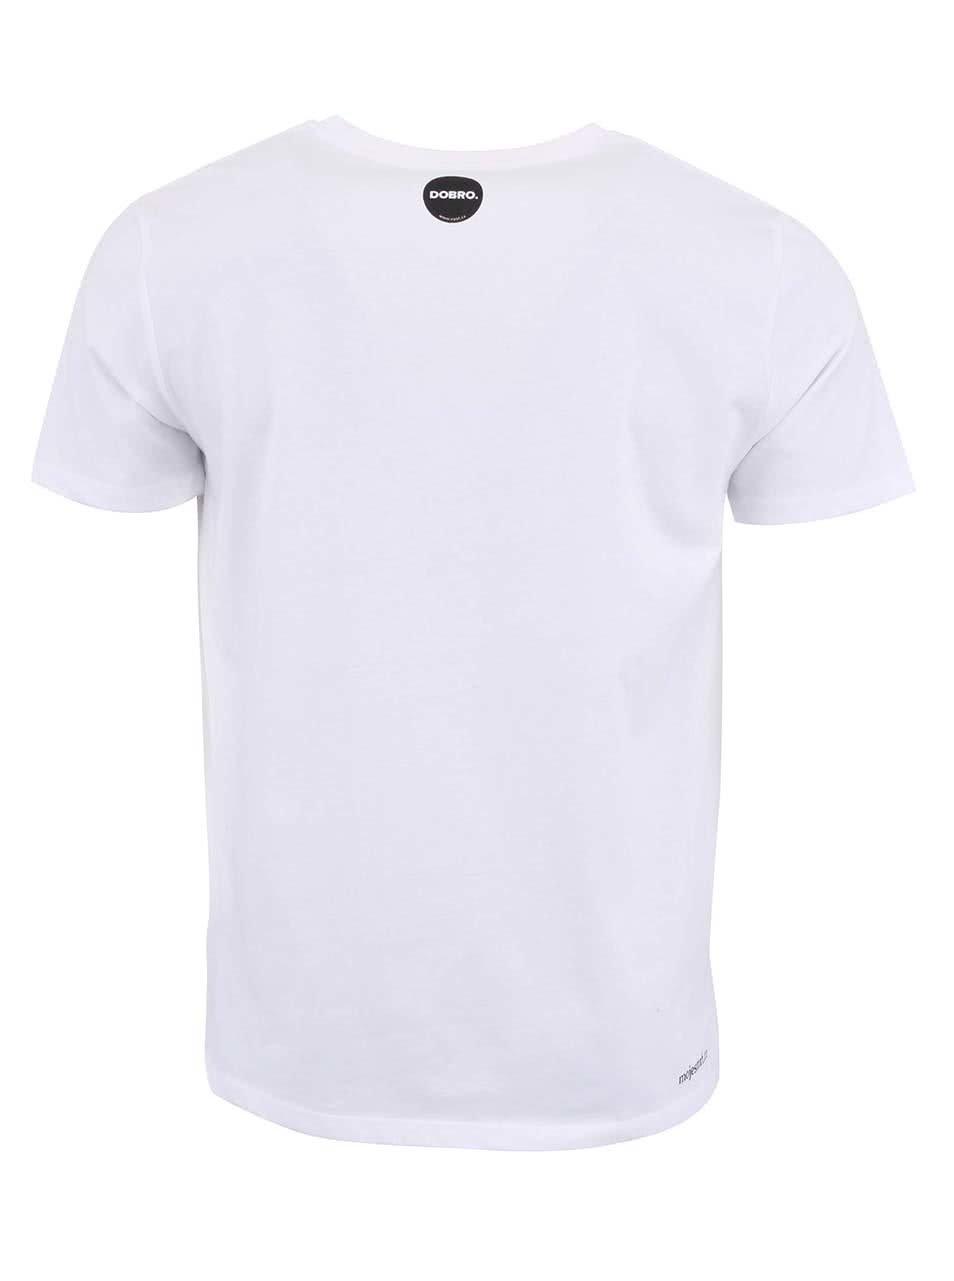 """""""Dobré"""" bílé pánské triko s kapsou Cesta domů"""